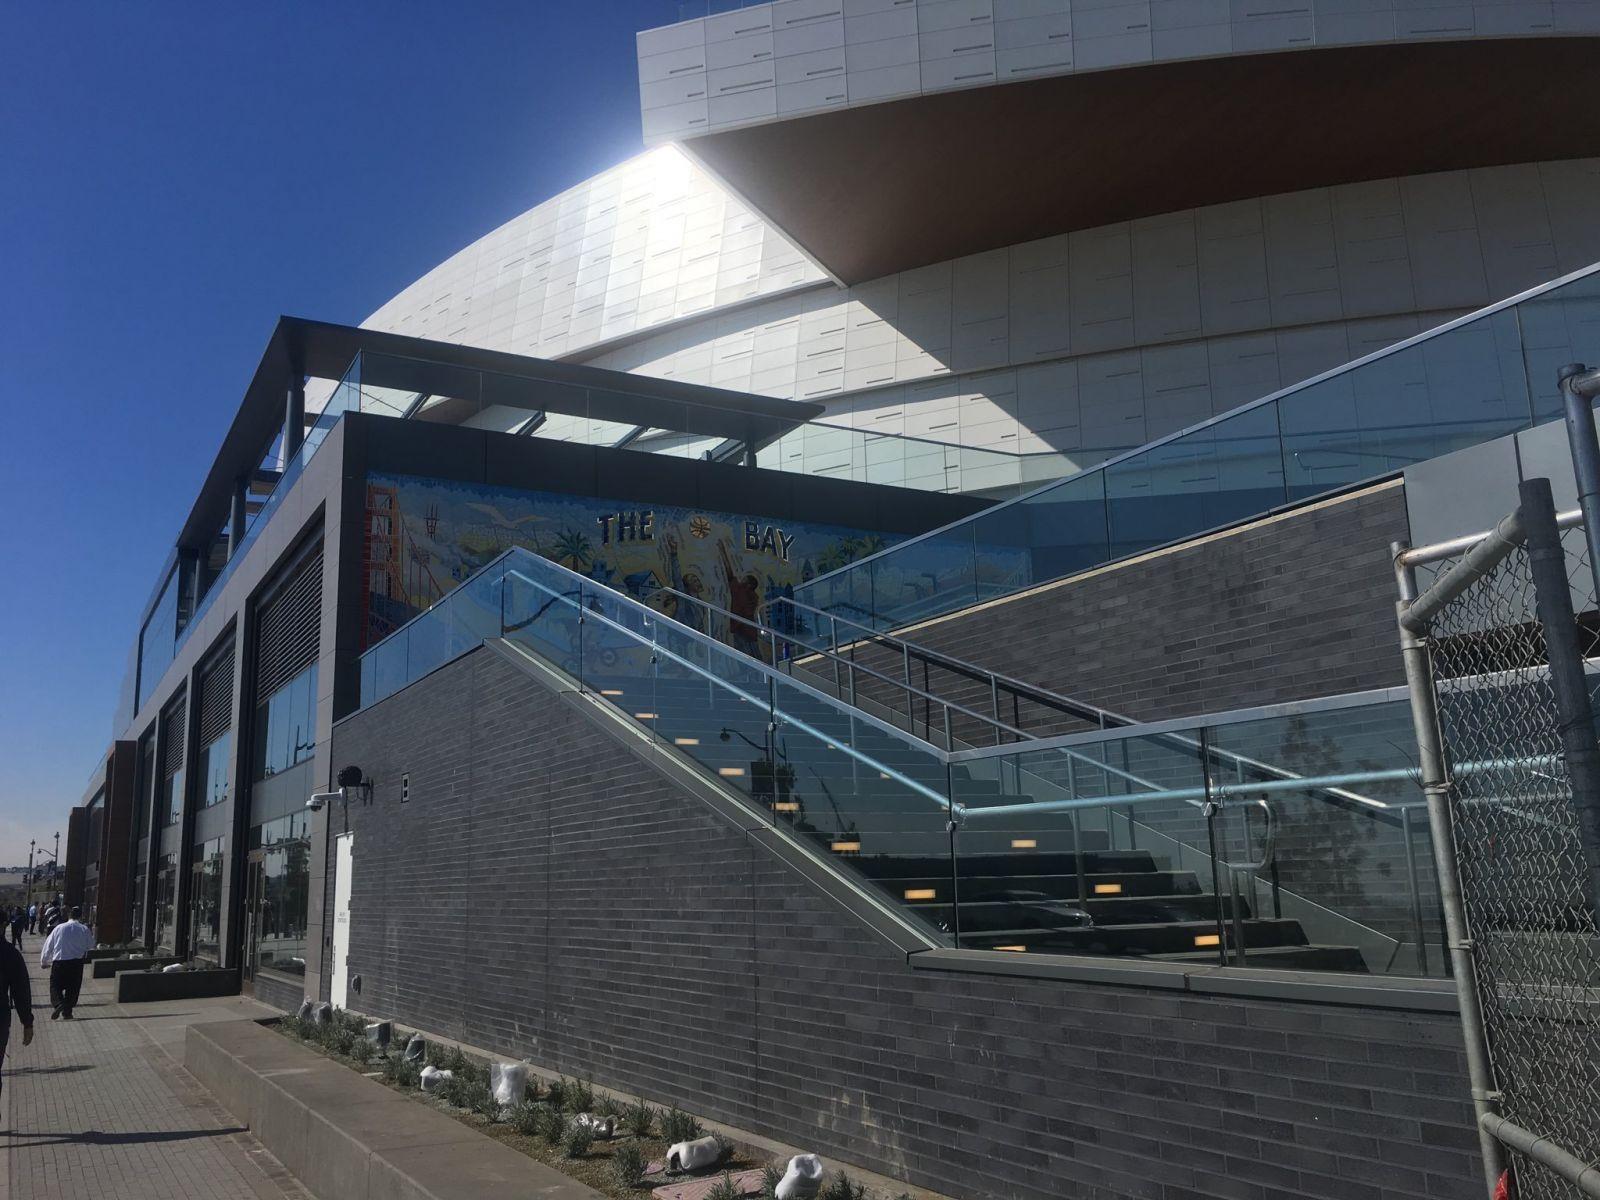 新球馆来了!勇士为大通中心举行媒体开放活动